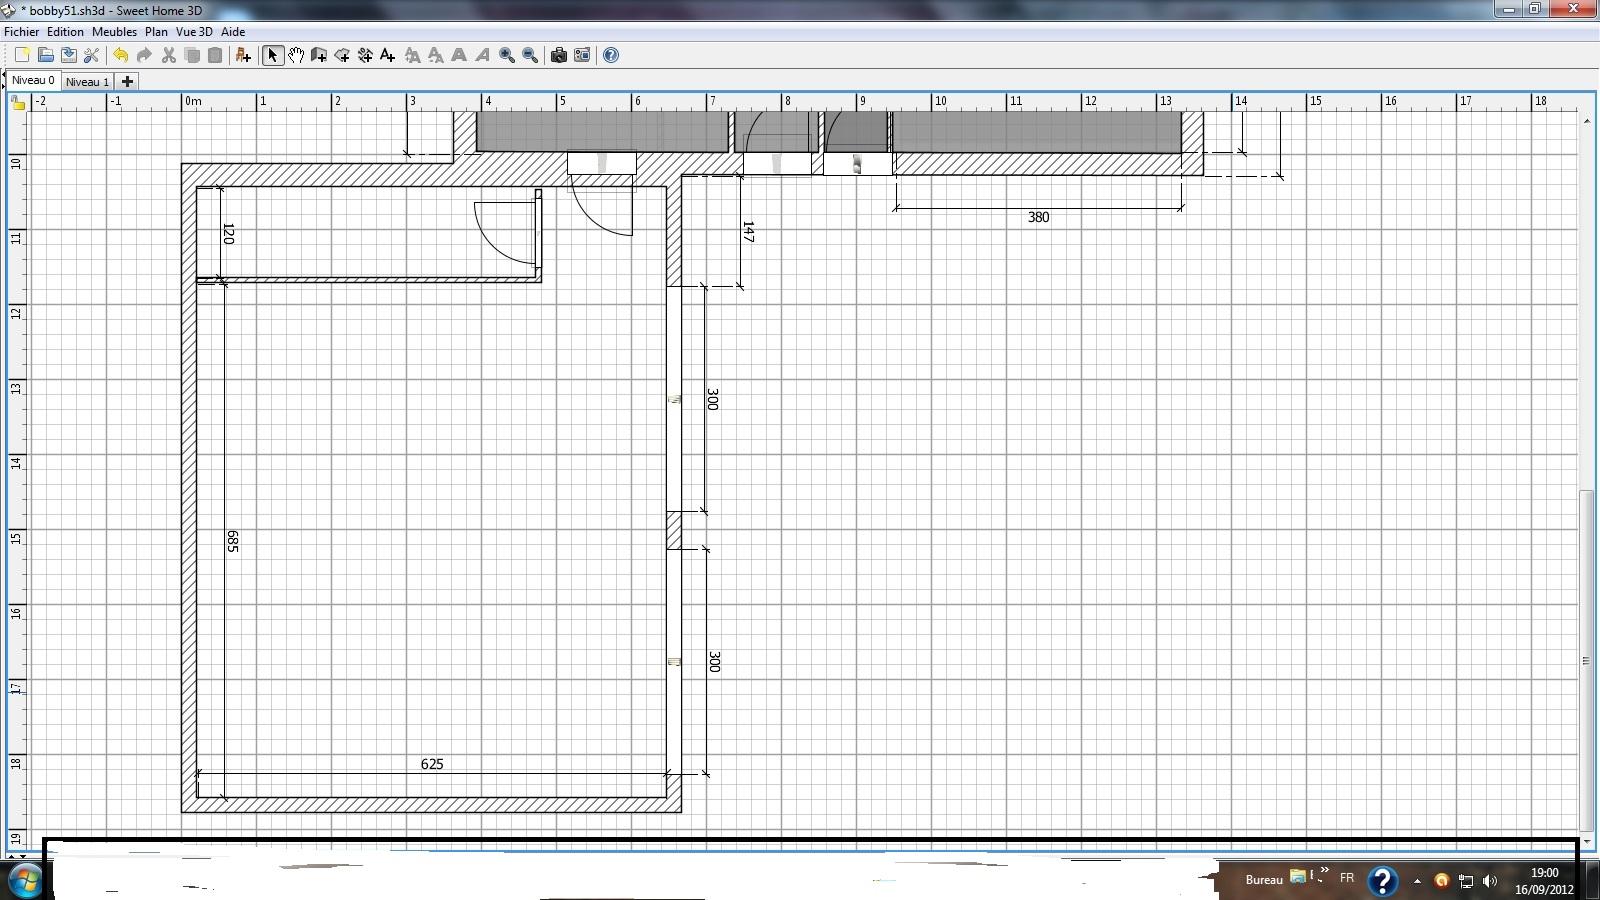 avis sur plan de maison r 1 de 180m2 44 messages page 2. Black Bedroom Furniture Sets. Home Design Ideas